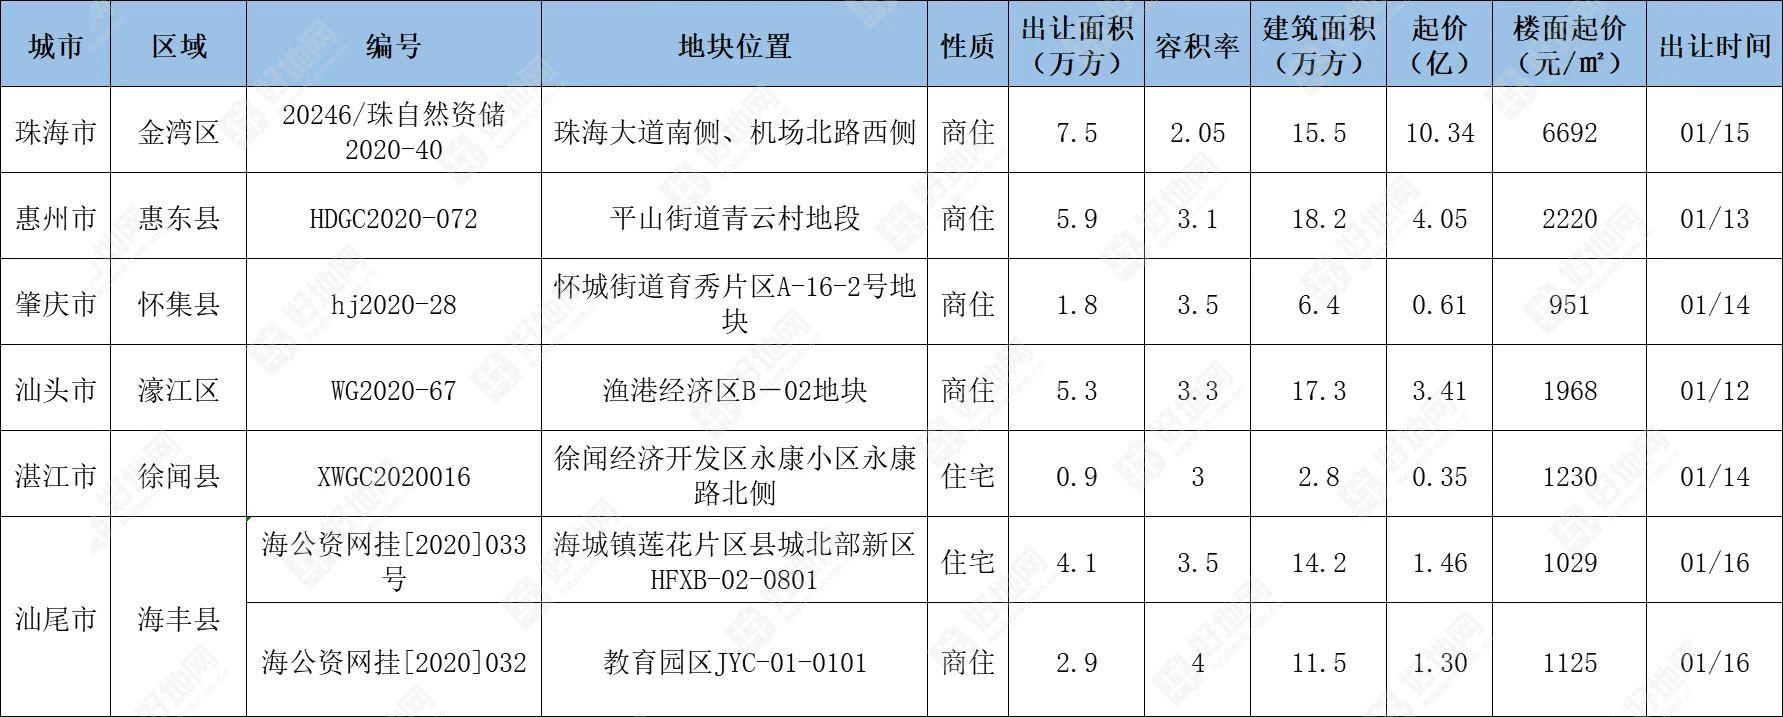 本周广东将出让7宗宅地